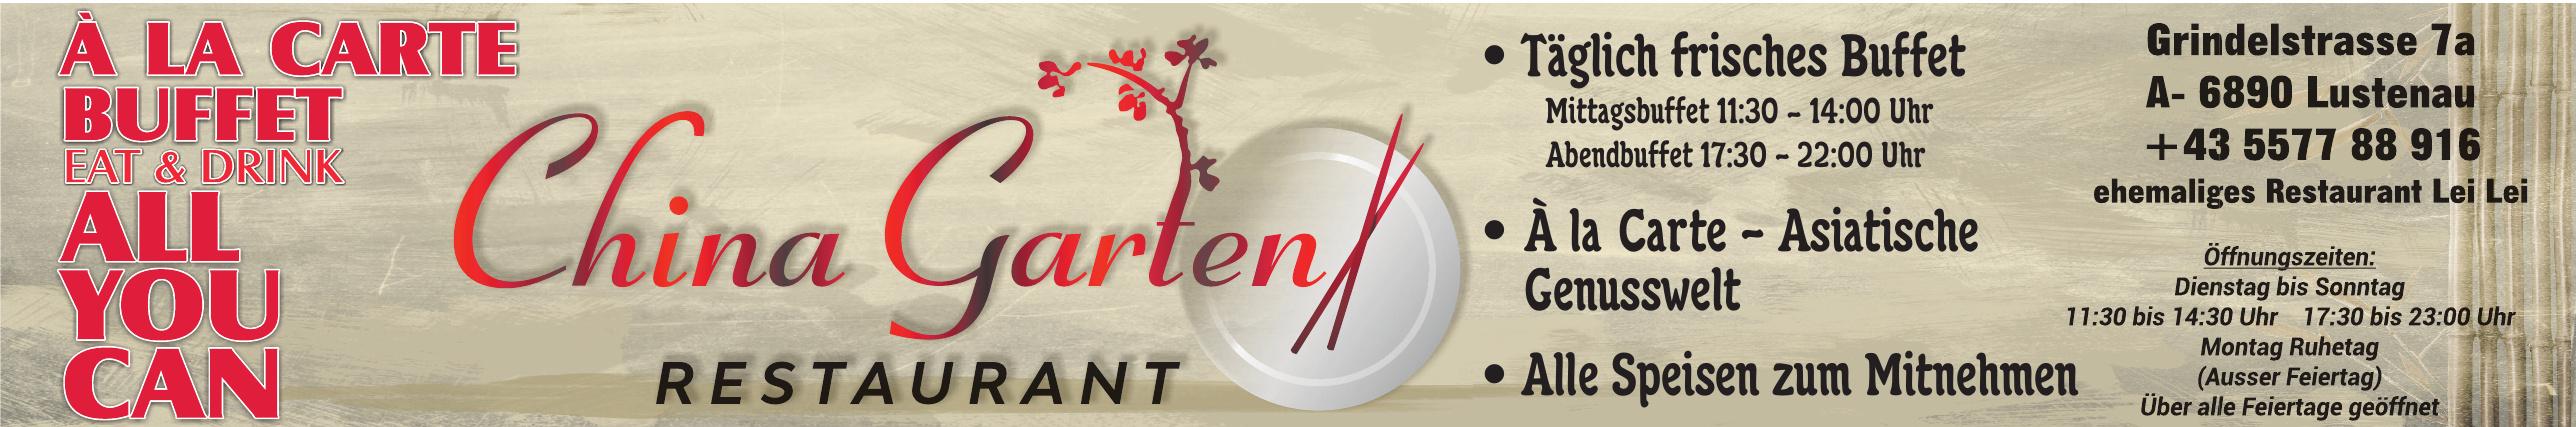 China Garten Restaurant